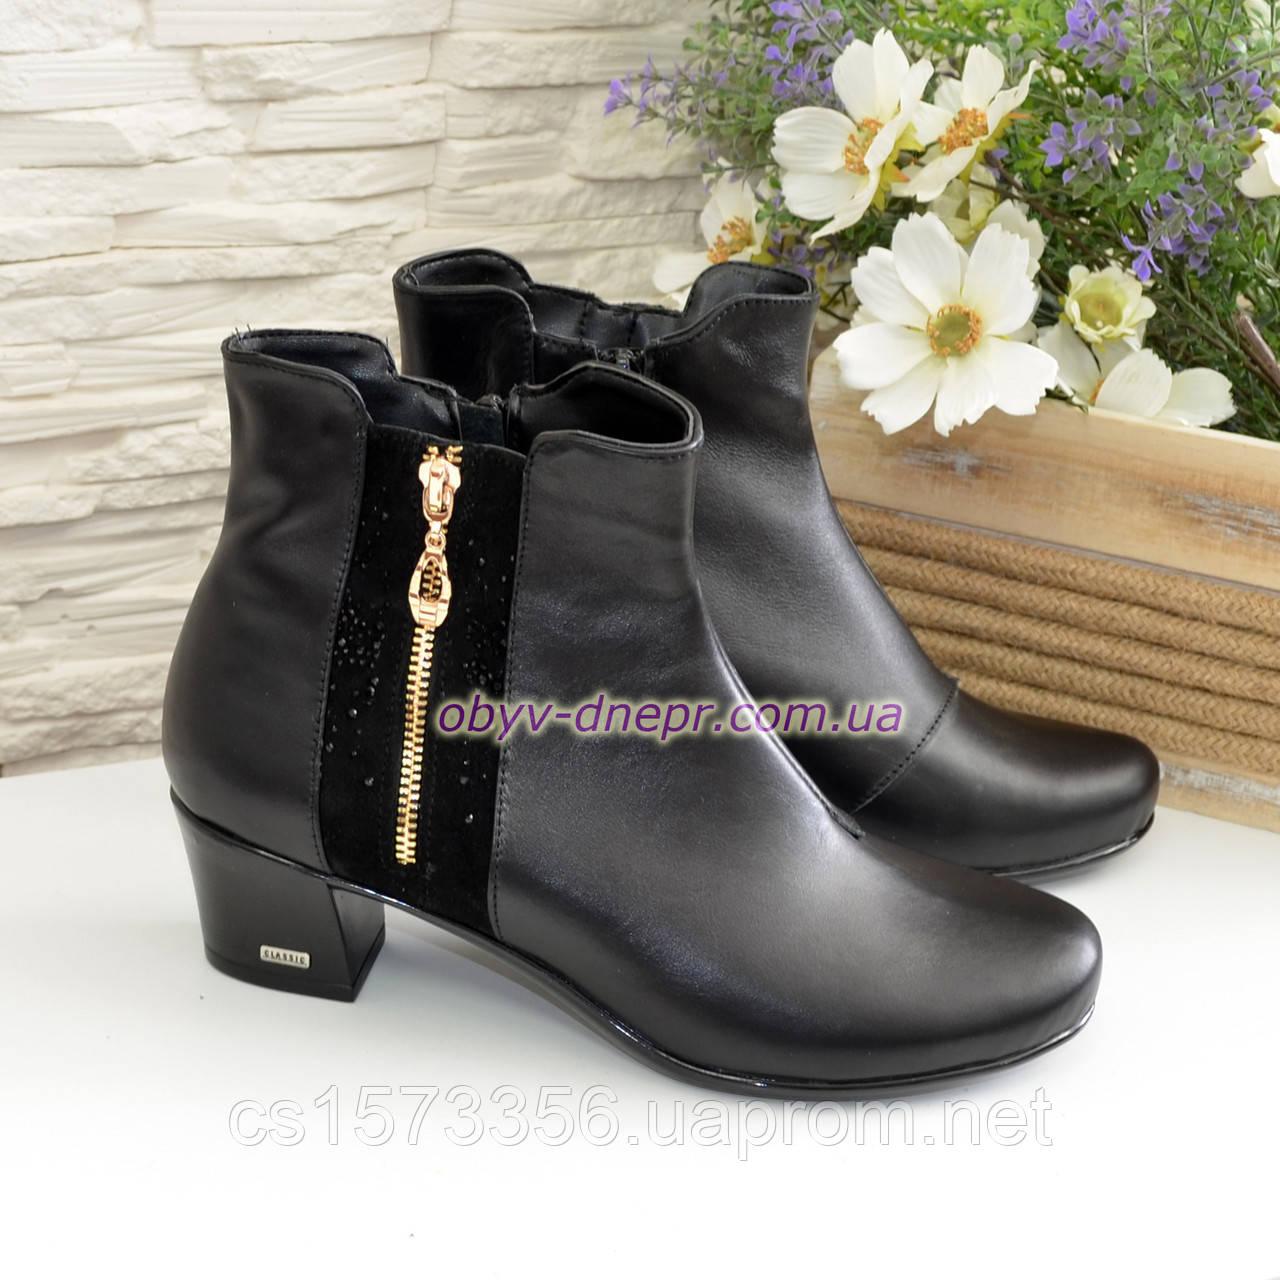 Женские ботинки на невысоком каблуке, из натуральной кожи и замши черного цвета